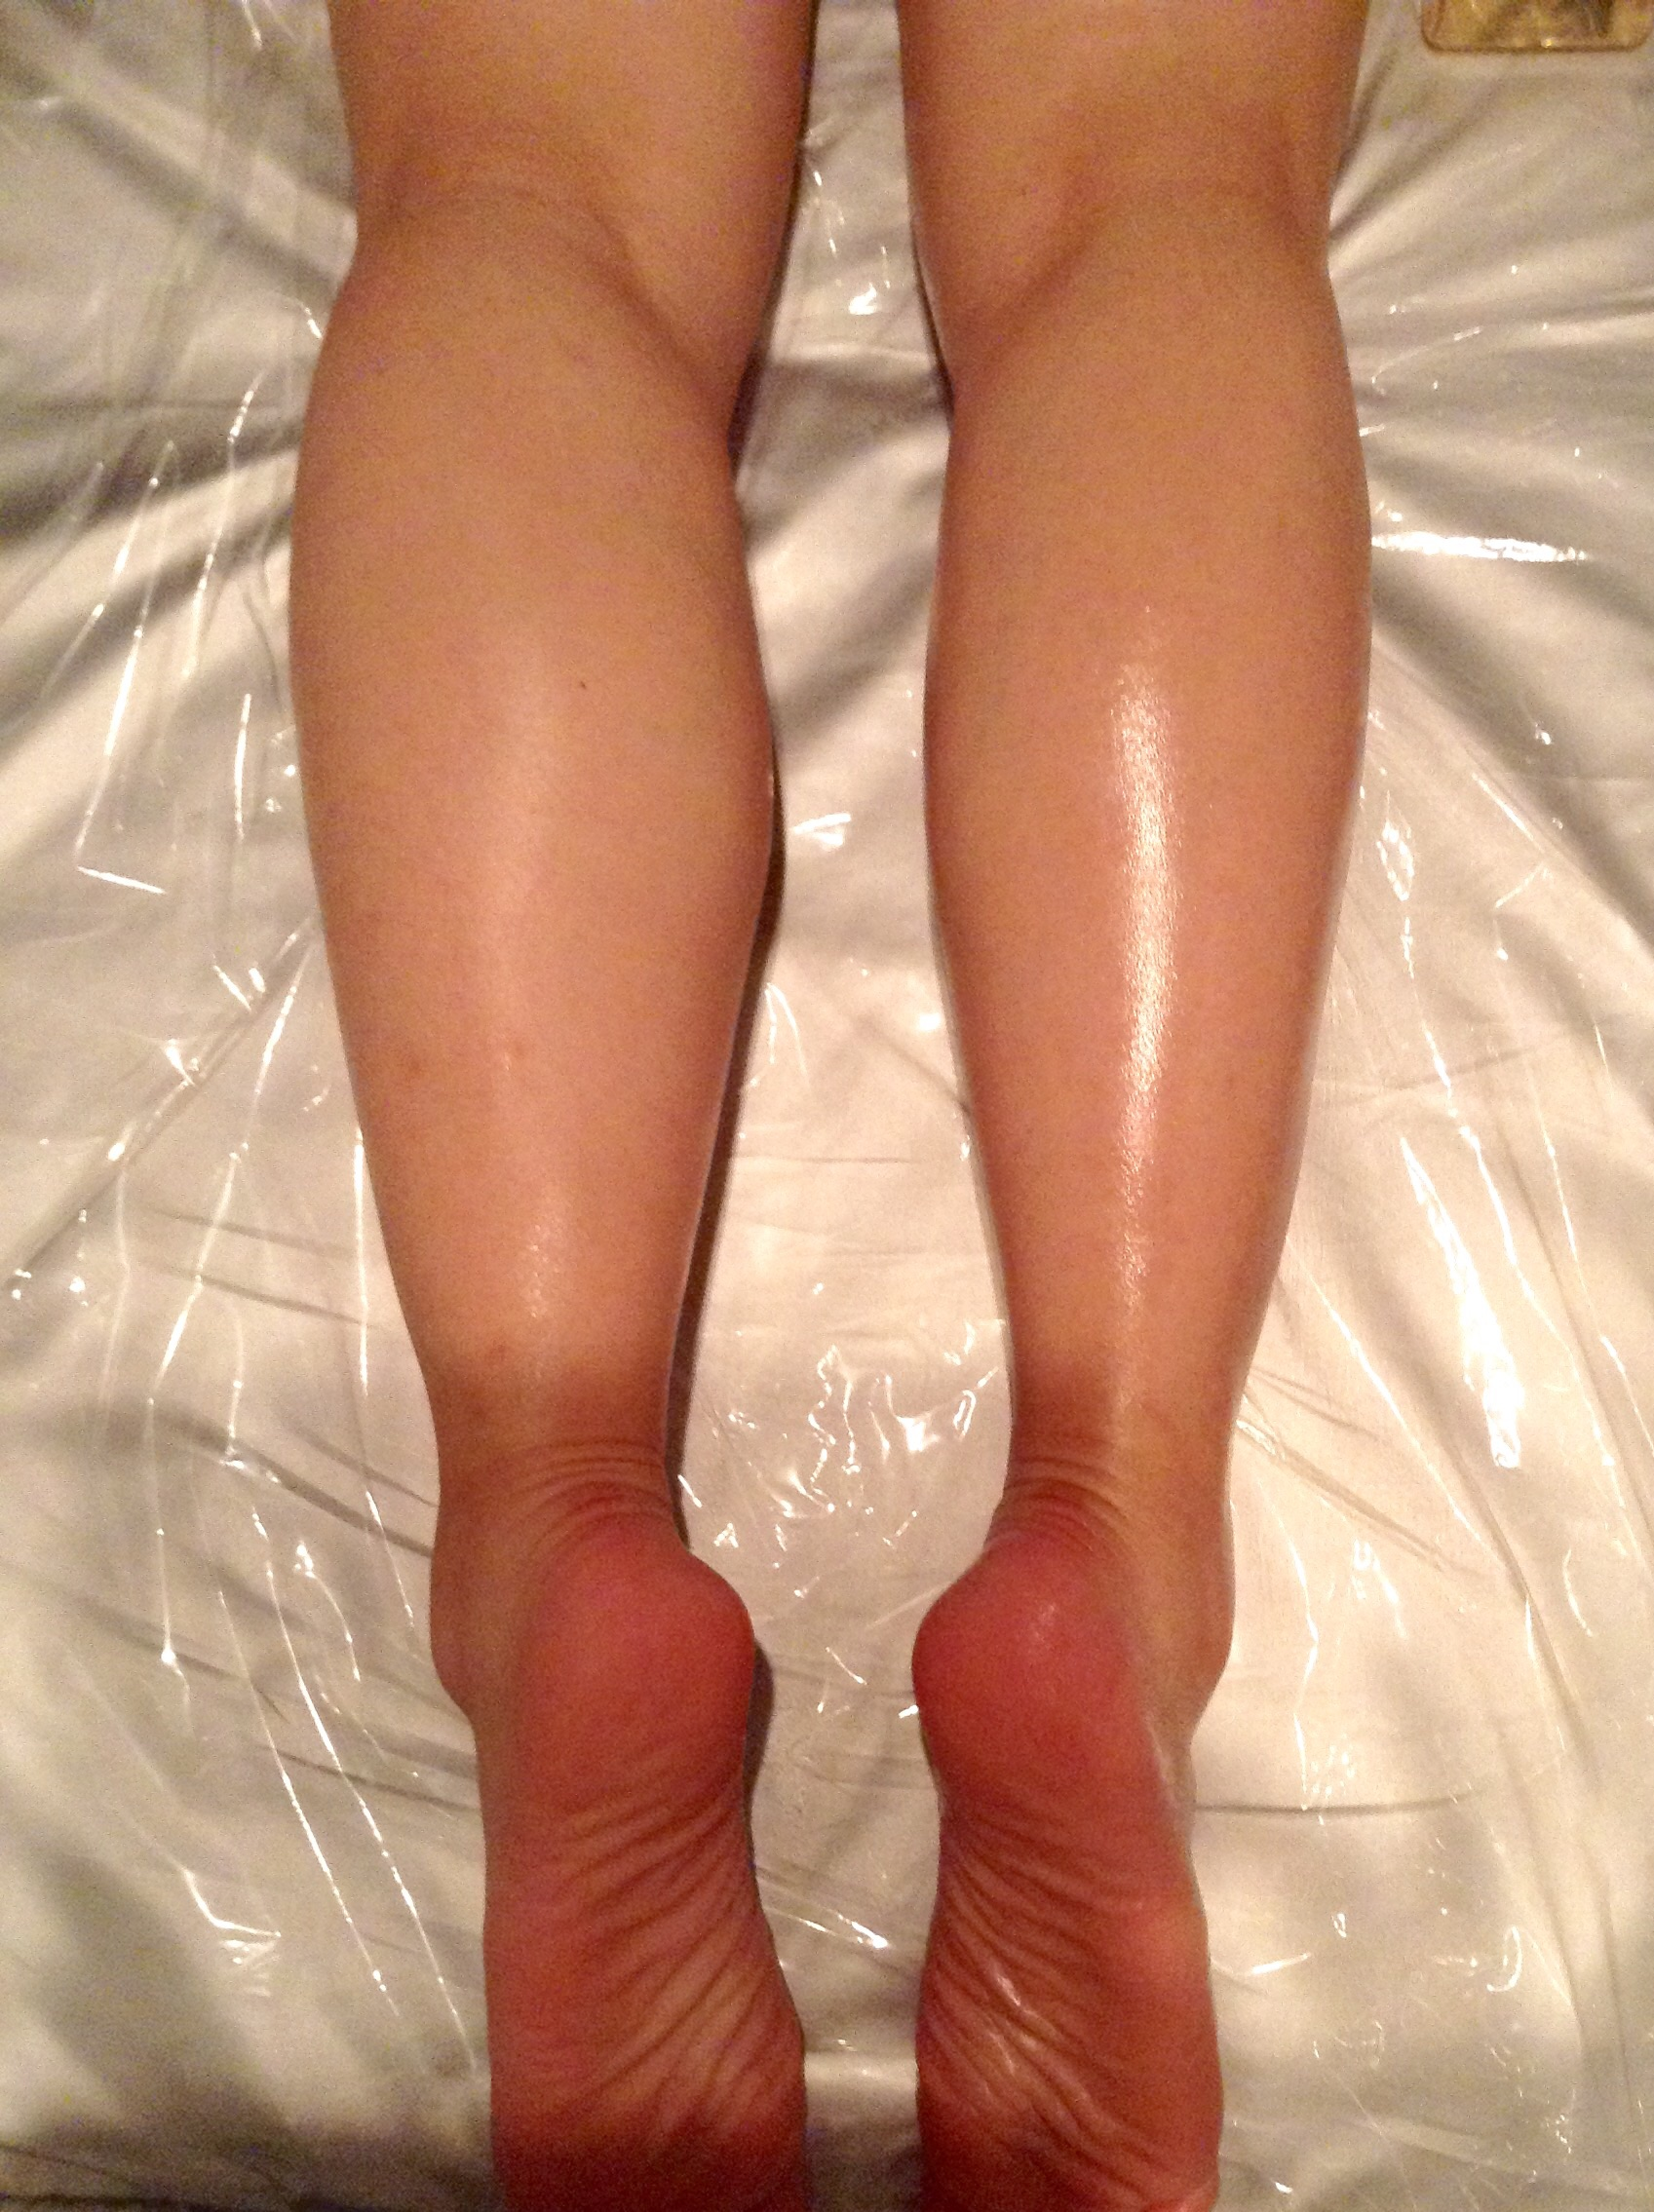 『シーズ・ラボ』の新メニュー「静脈マッサージデトックス」で私の太い足が……!?_2